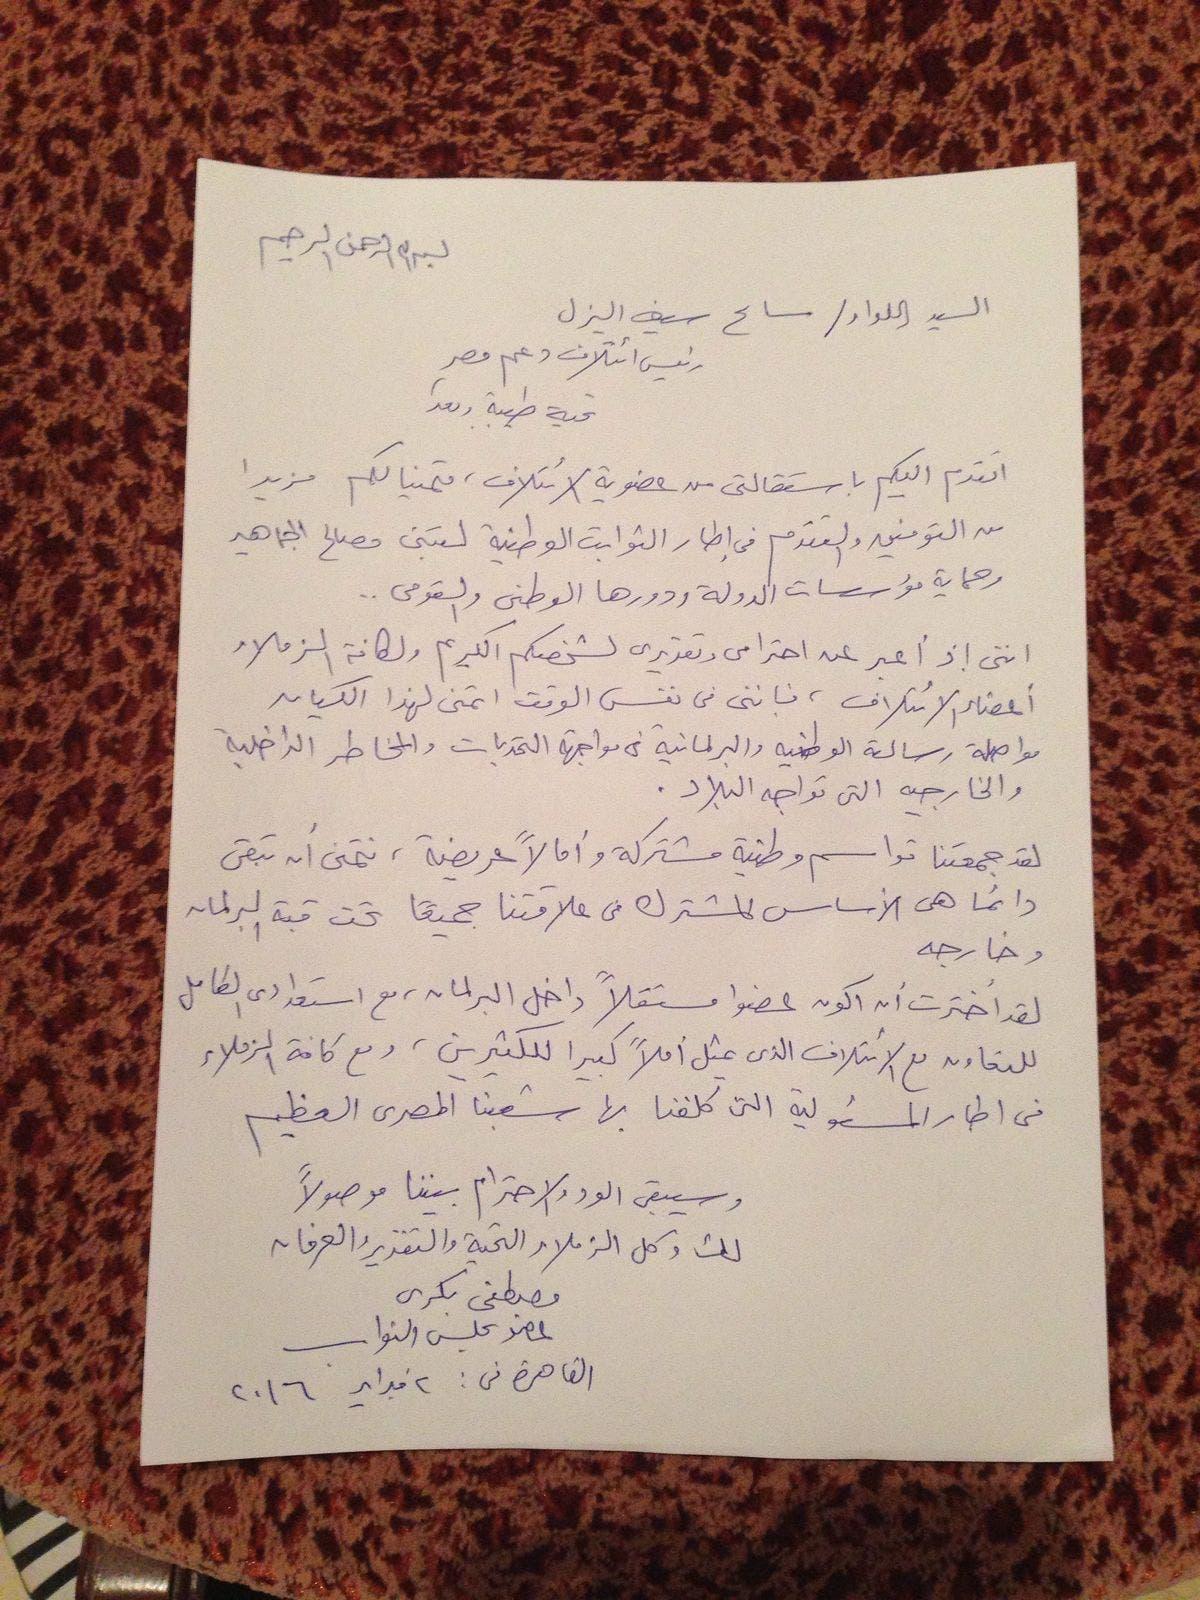 نص استقالة مصطفى بكري